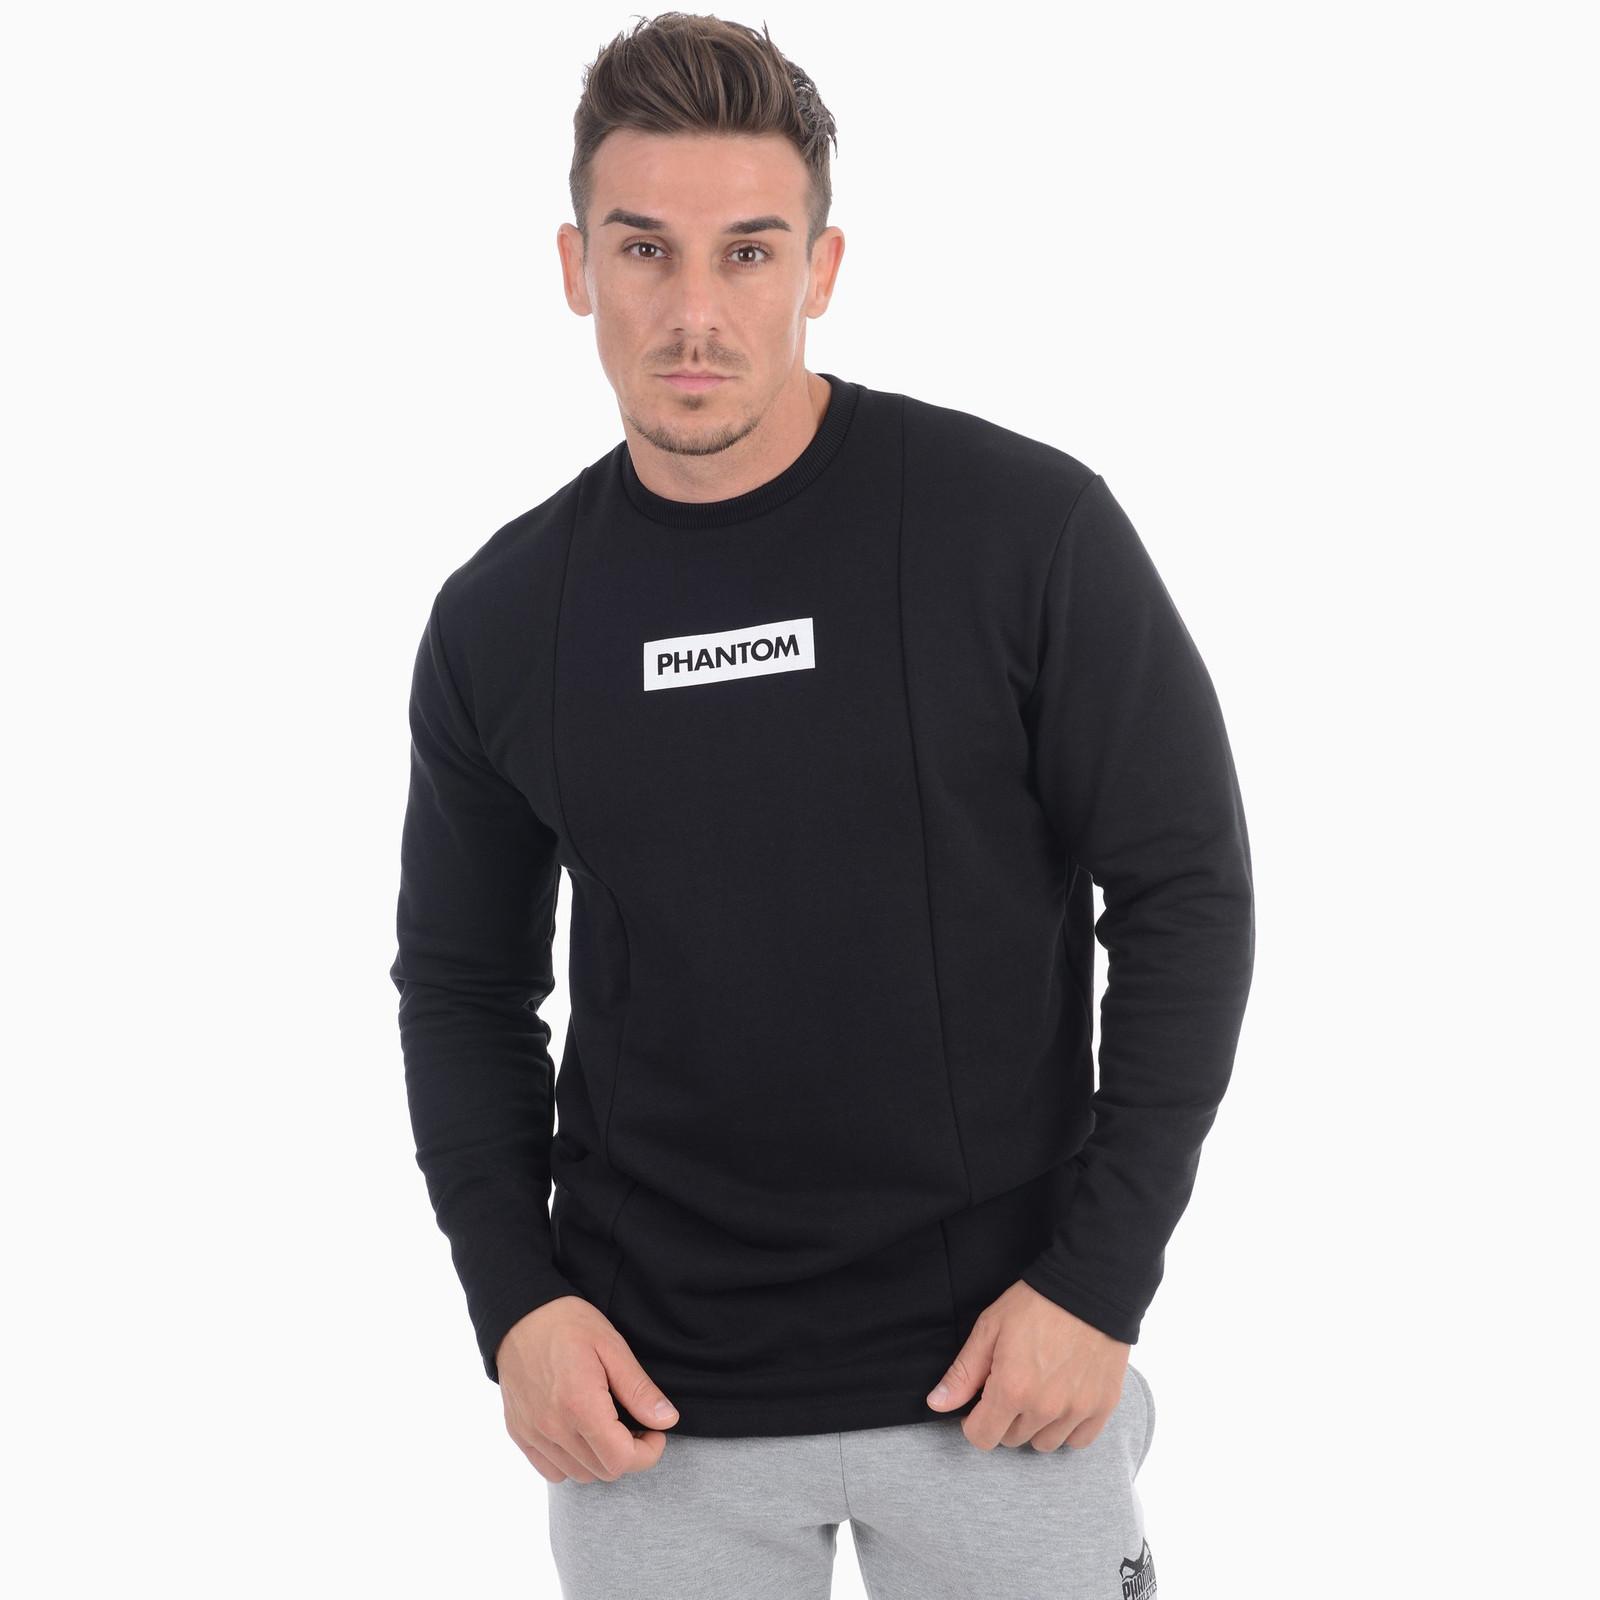 Phantom Athletics Sweater Zero